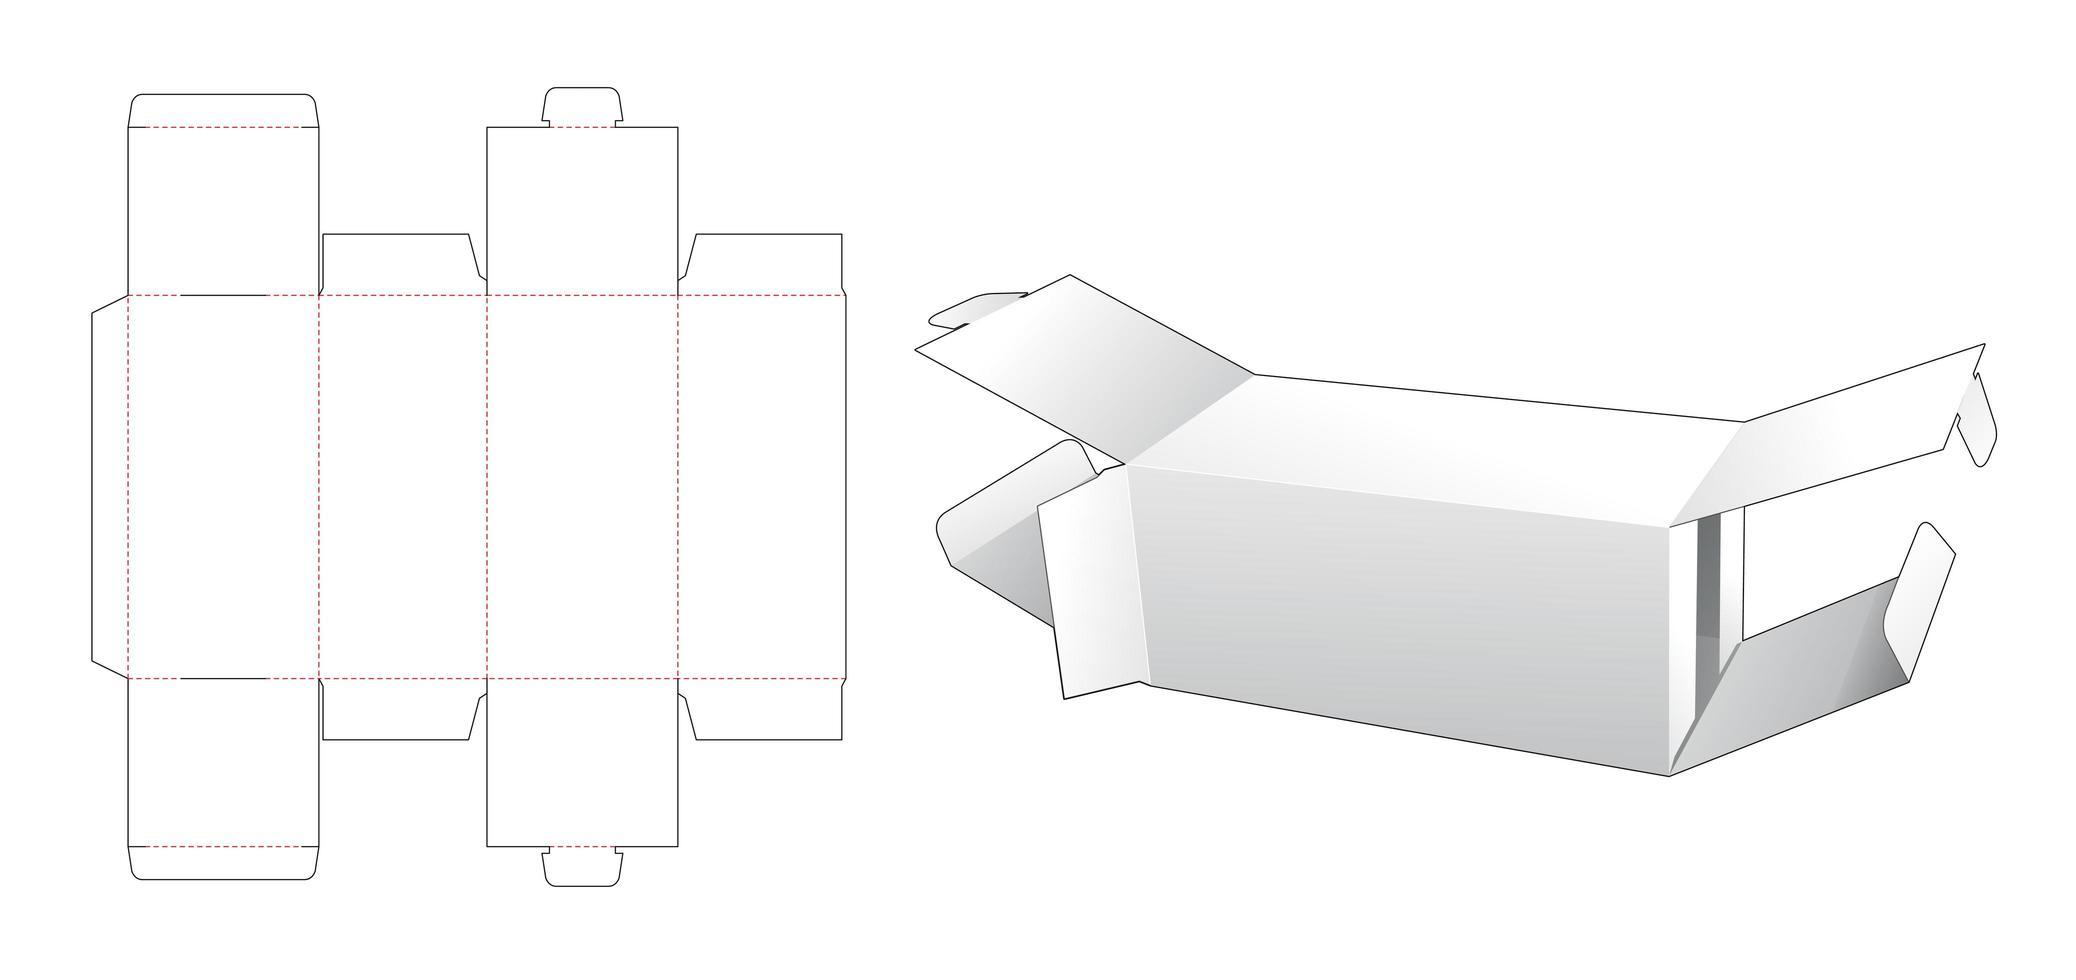 Boîte d'emballage 2 flip ends vecteur